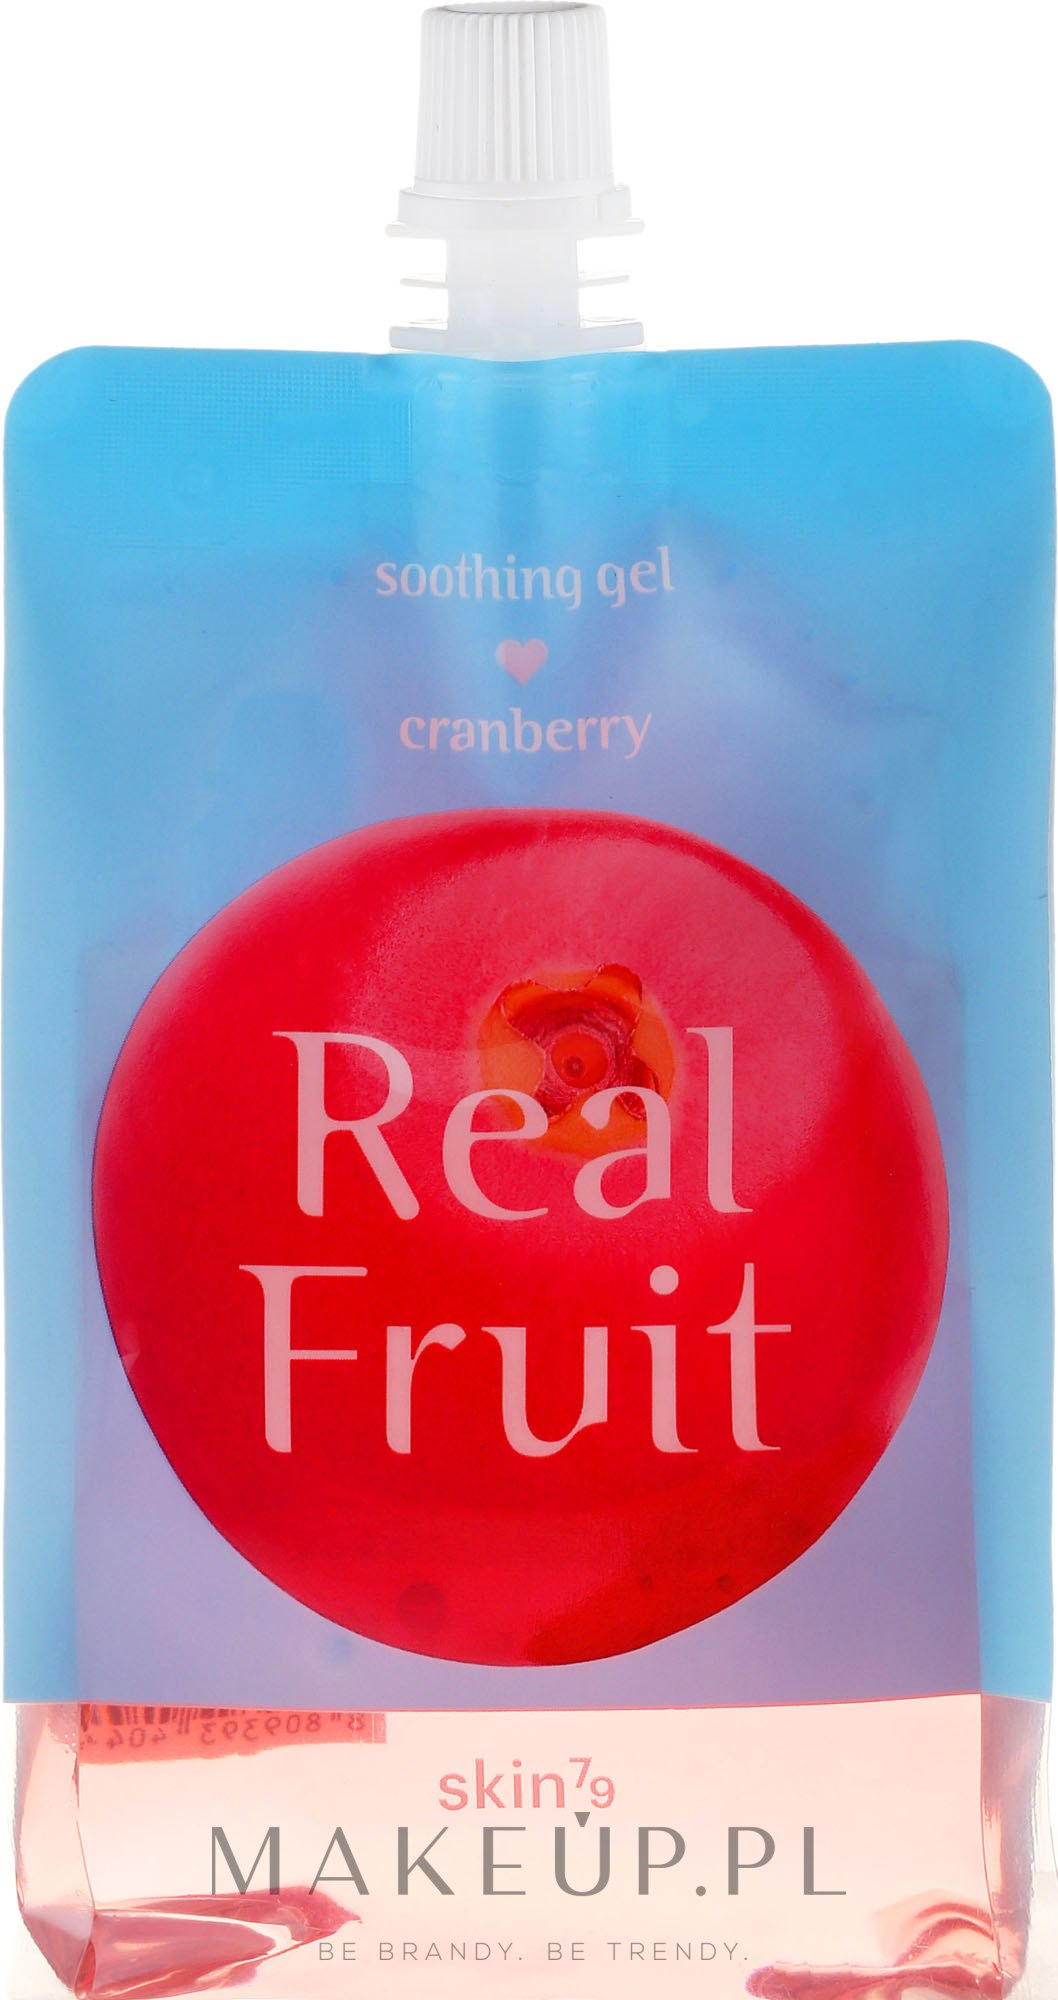 Odświeżająco-rewitalizujący żel kojący do ciała Żurawina - Skin79 Real Fruit Cranberry Soothing Gel — фото 300 ml